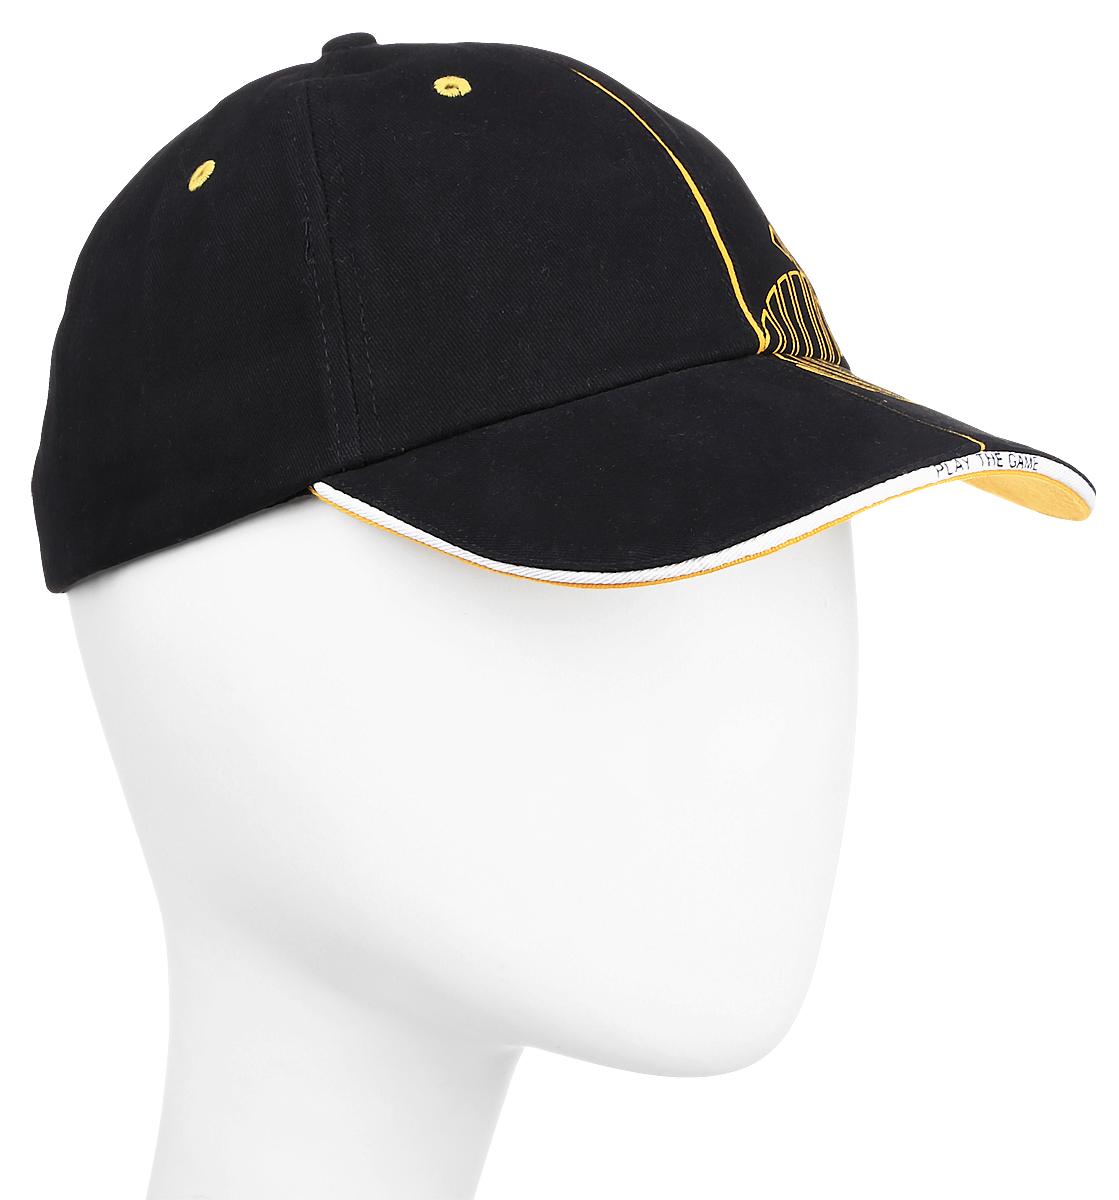 Бейсболка 2K Sport Ferrat, цвет: черный, желтый. 124230. Размер 58/60124230_black/yellowБейсболка 2K Sport Ferrat выполнена из натурального хлопка и имеет классическую панельную конструкцию. Модель с плотным козырьком оформлена фирменным принтом. Бейсболка имеет небольшие отверстия, обеспечивающие дополнительную вентиляцию. Объем бейсболки регулируется при помощи хлястиков с липучками.